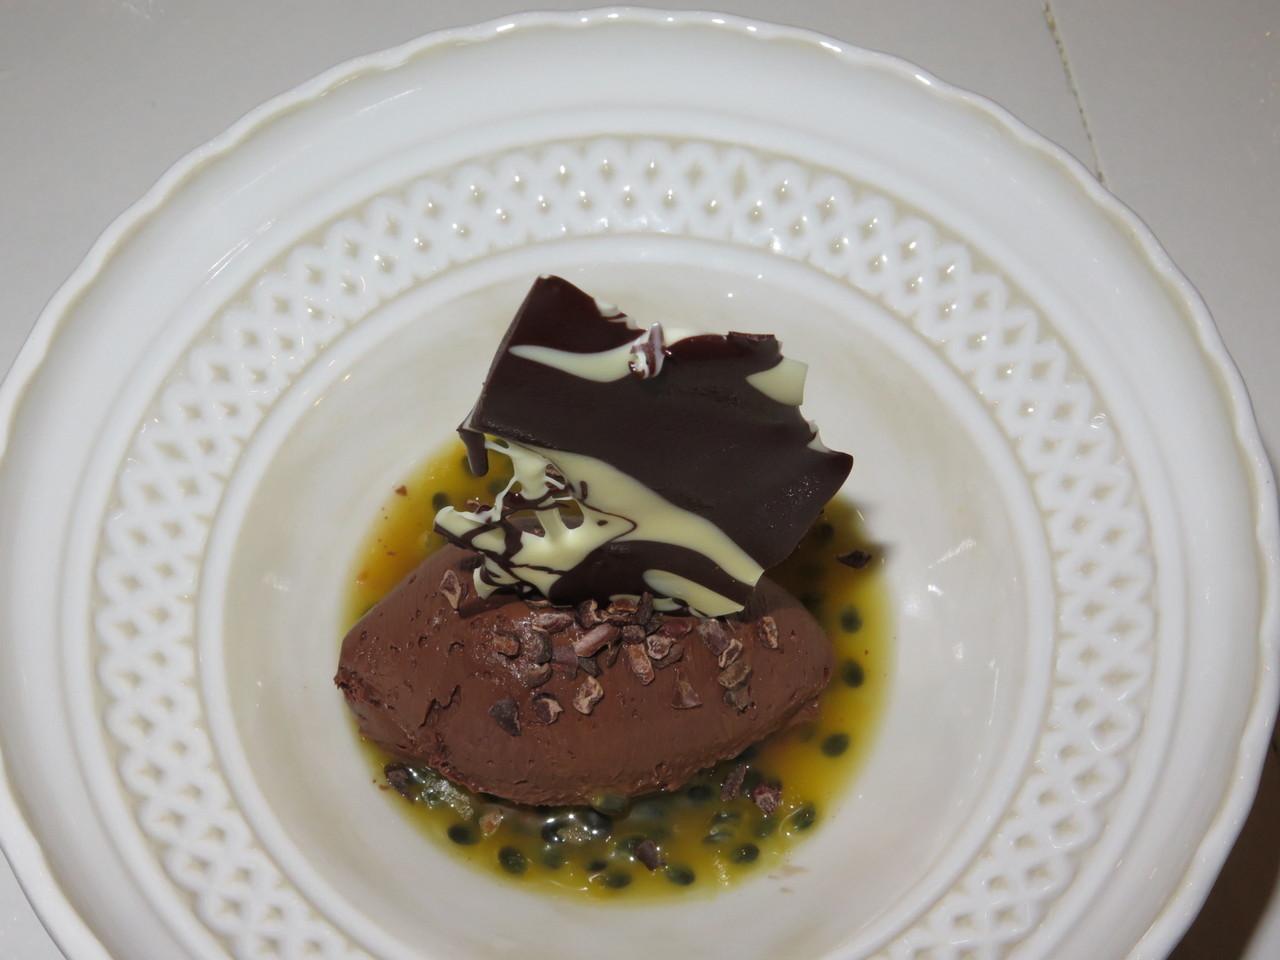 Delicia de chocolate com maracujá